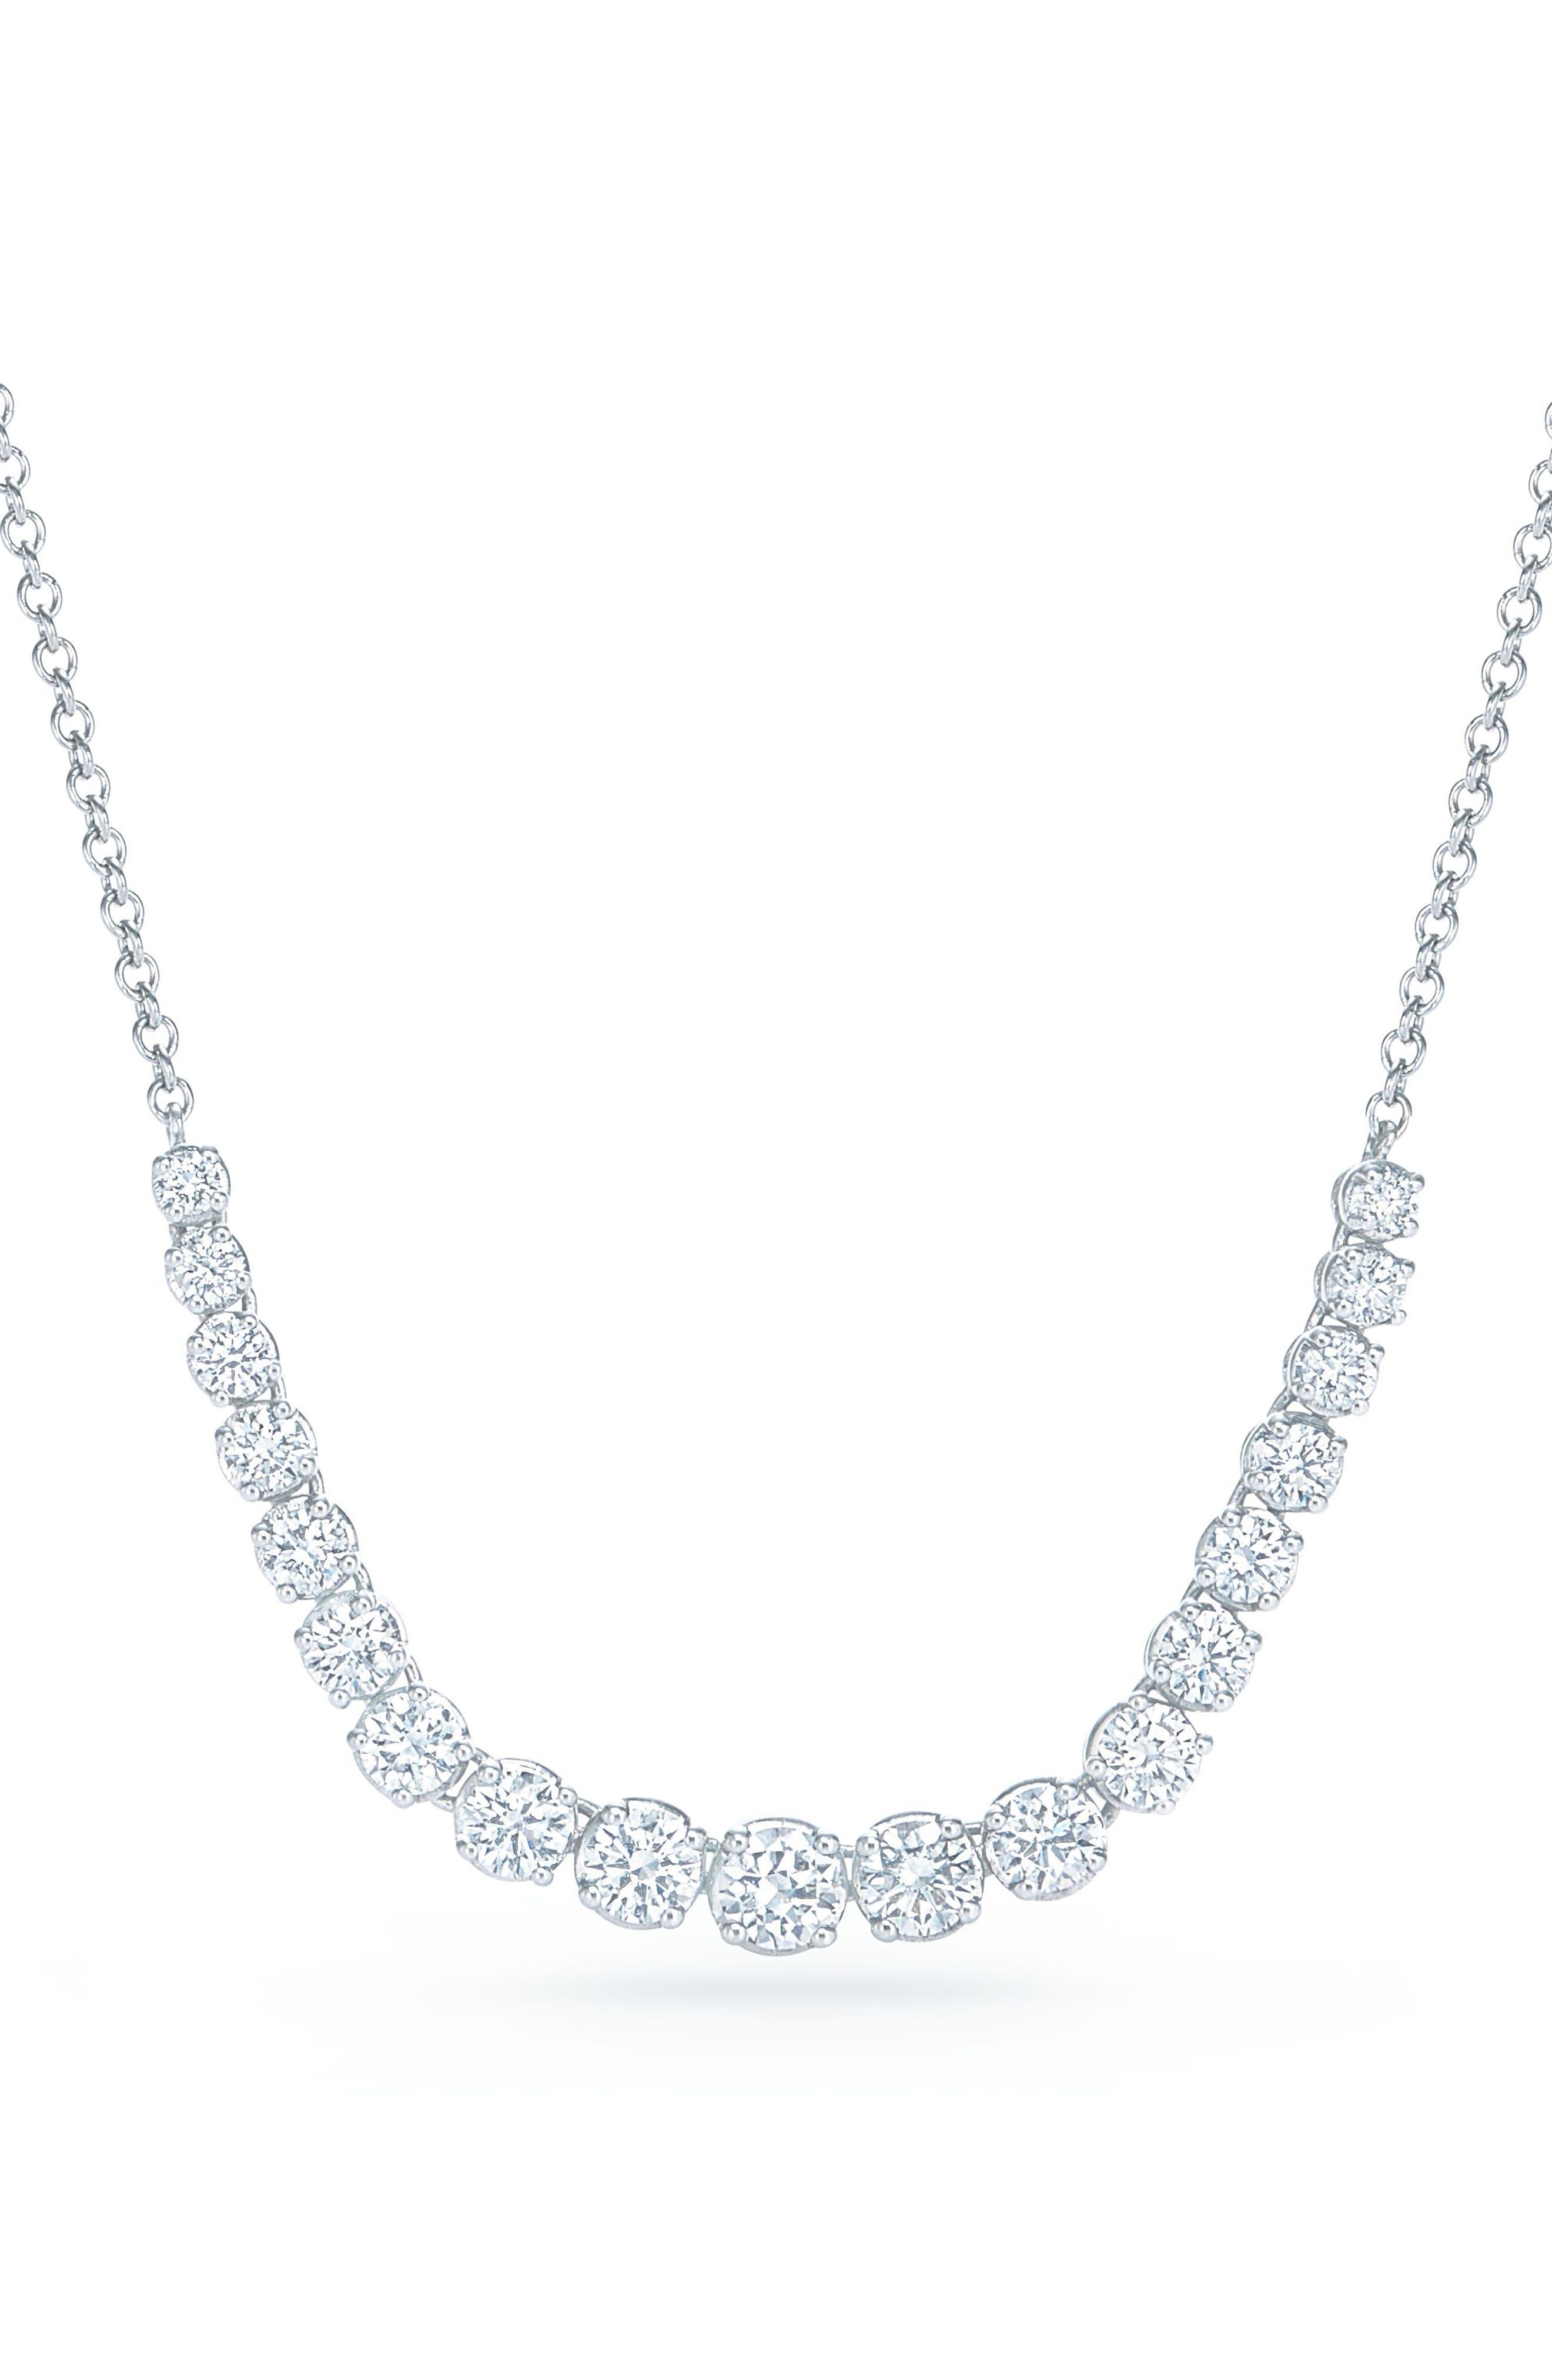 Riviera Diamond Pendant Necklace,                         Main,                         color, White Gold